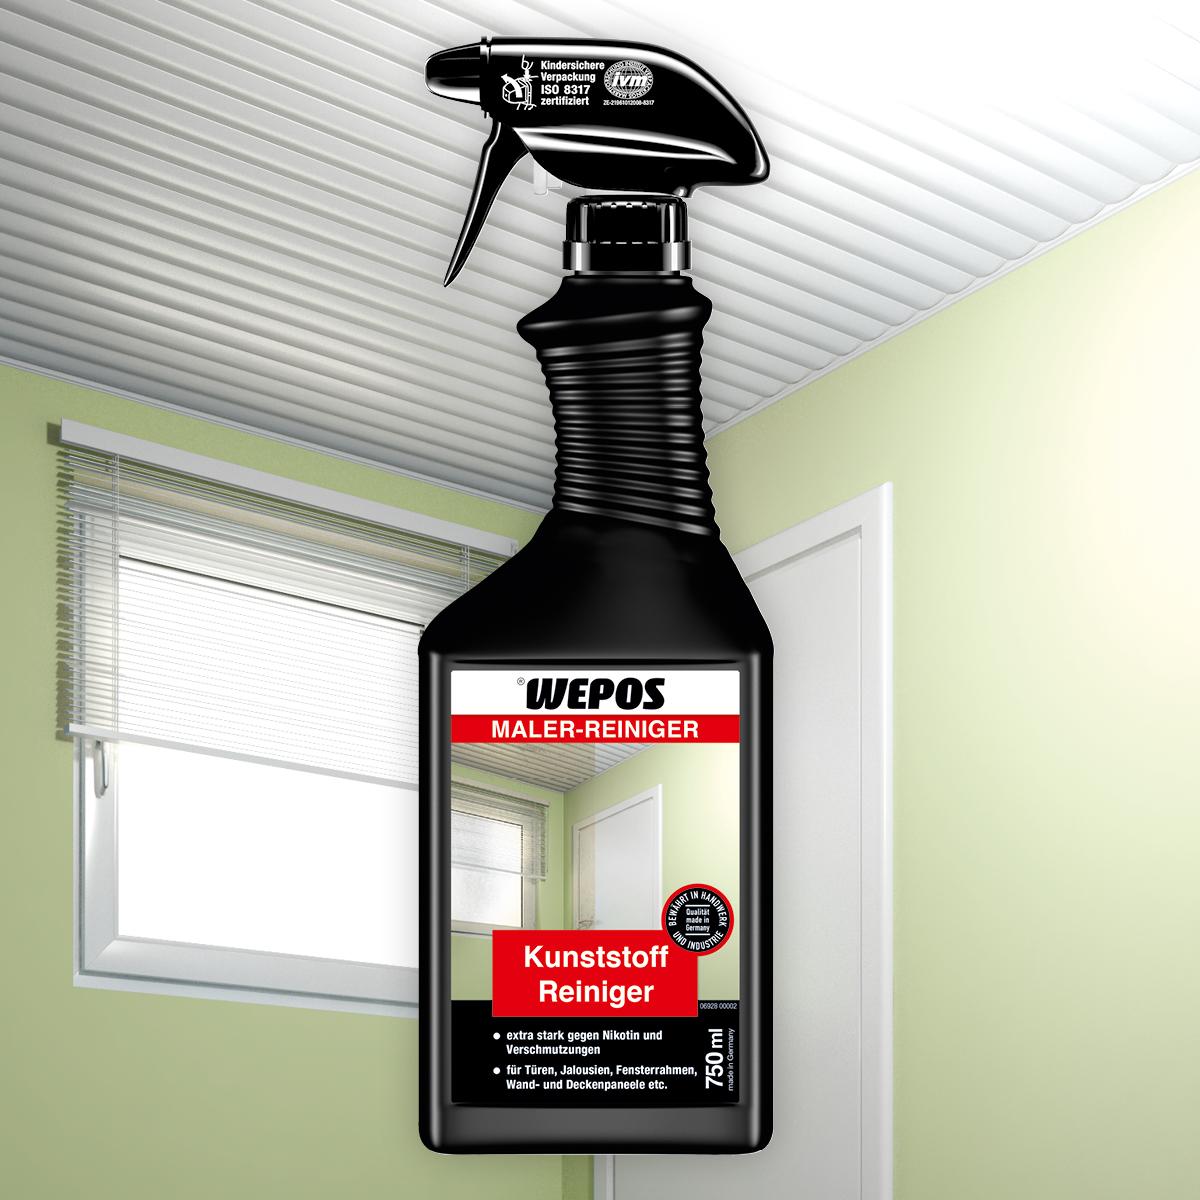 Maler-Reiniger Kunststoff Reiniger 750 ml